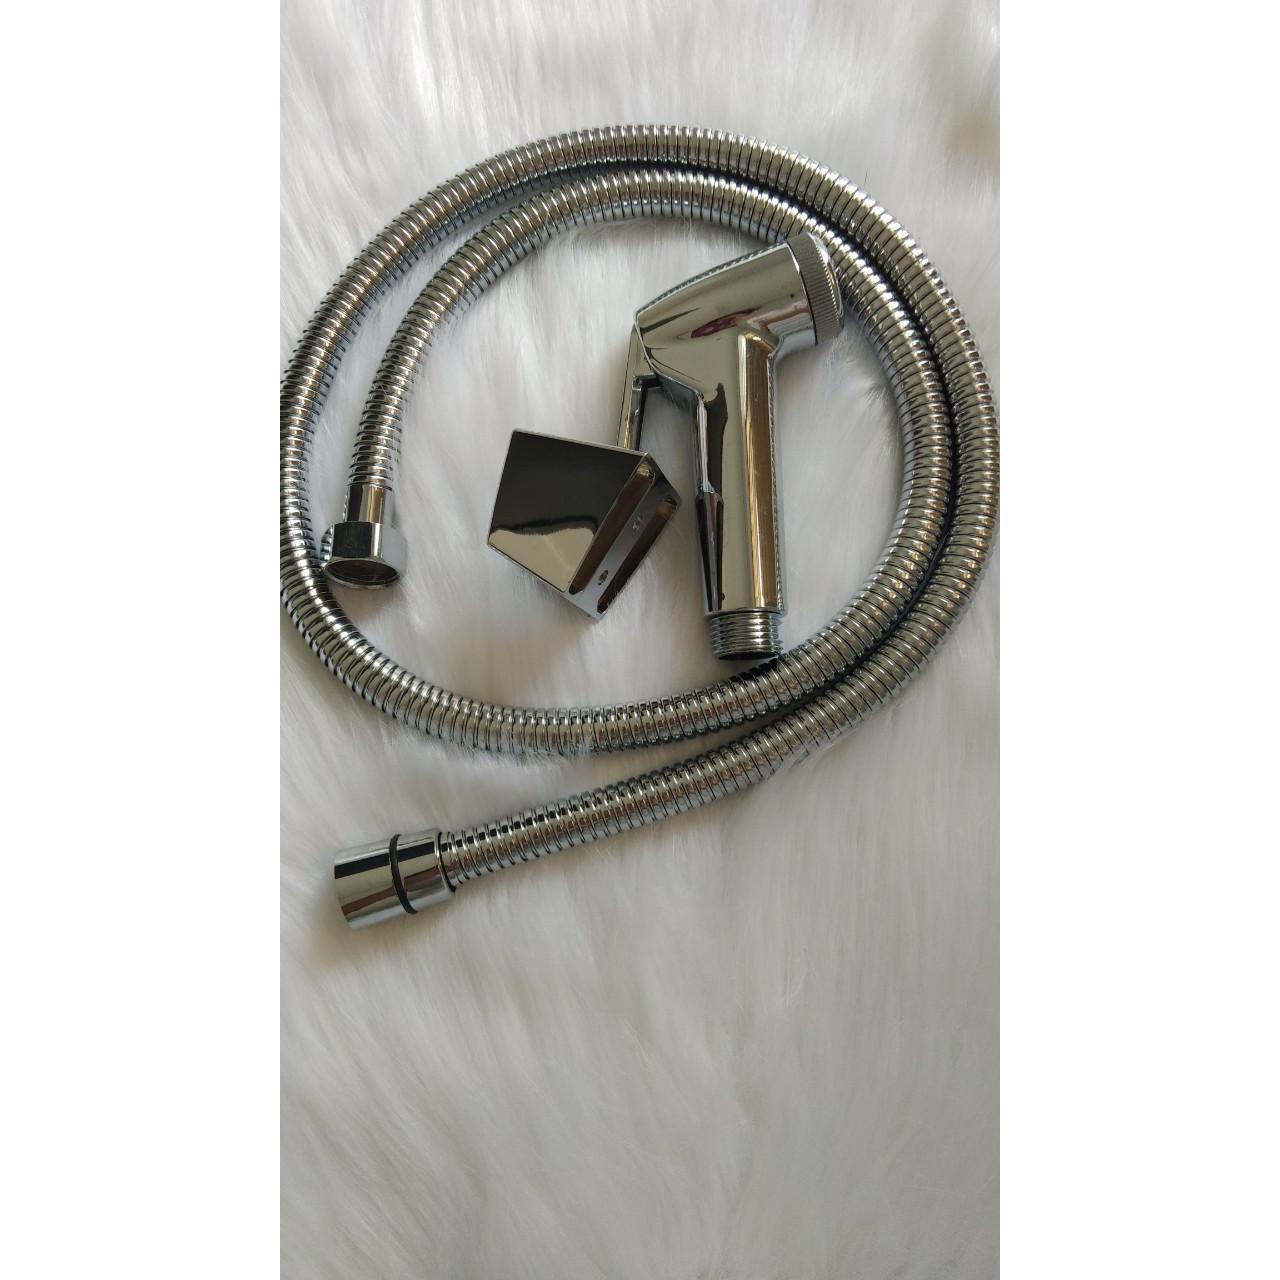 BỘ vòi xịt vệ sinh với lực nước cực mạnh